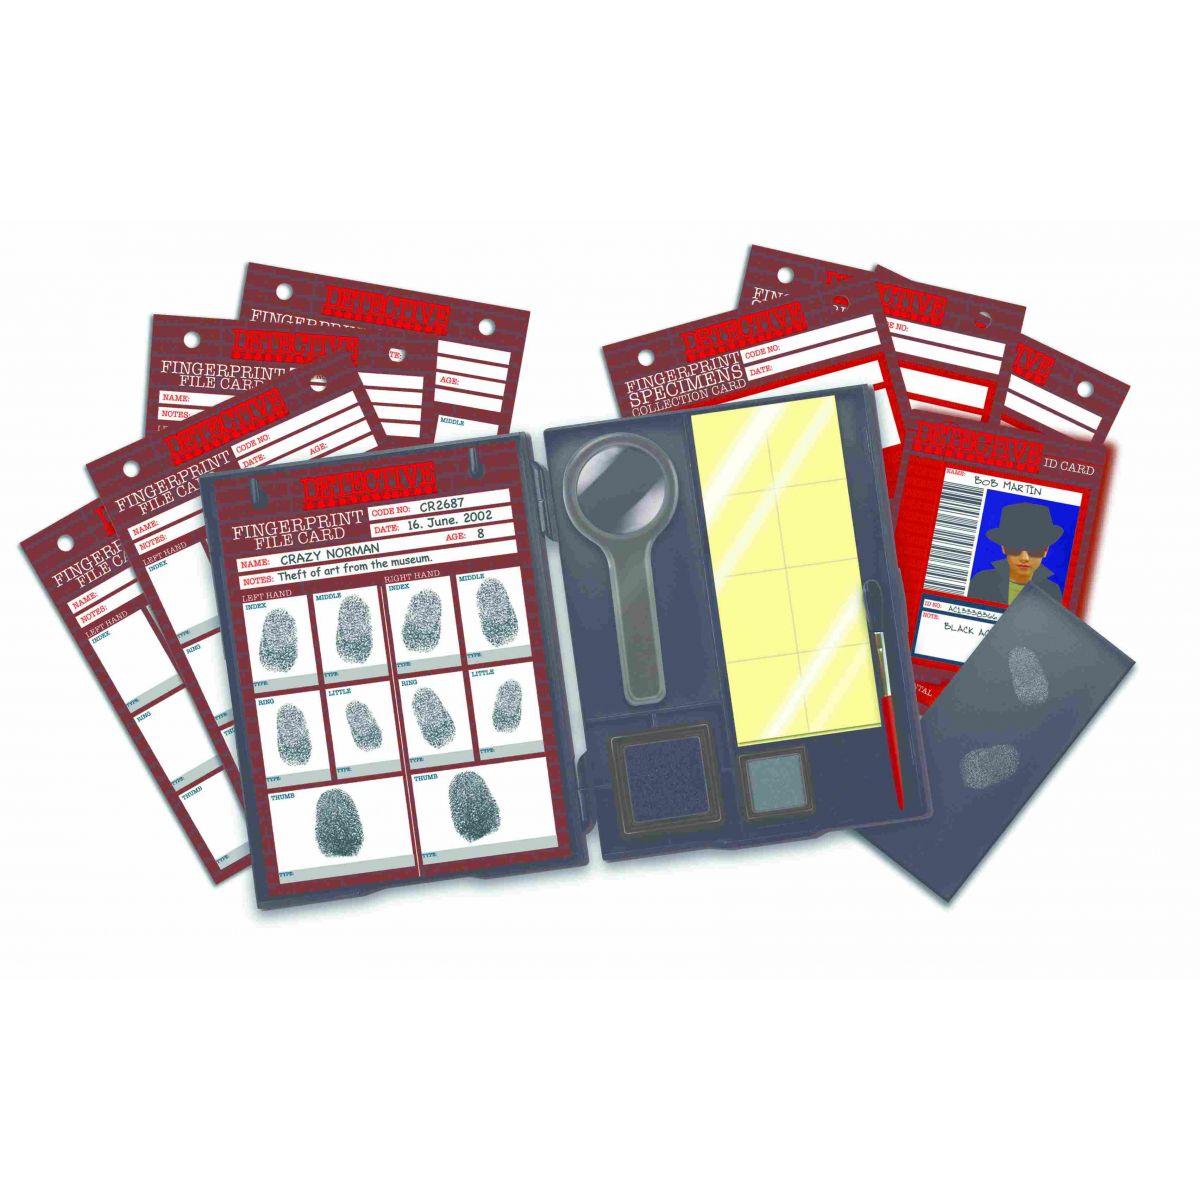 Kit de Impressões Digitais Detetive 4M